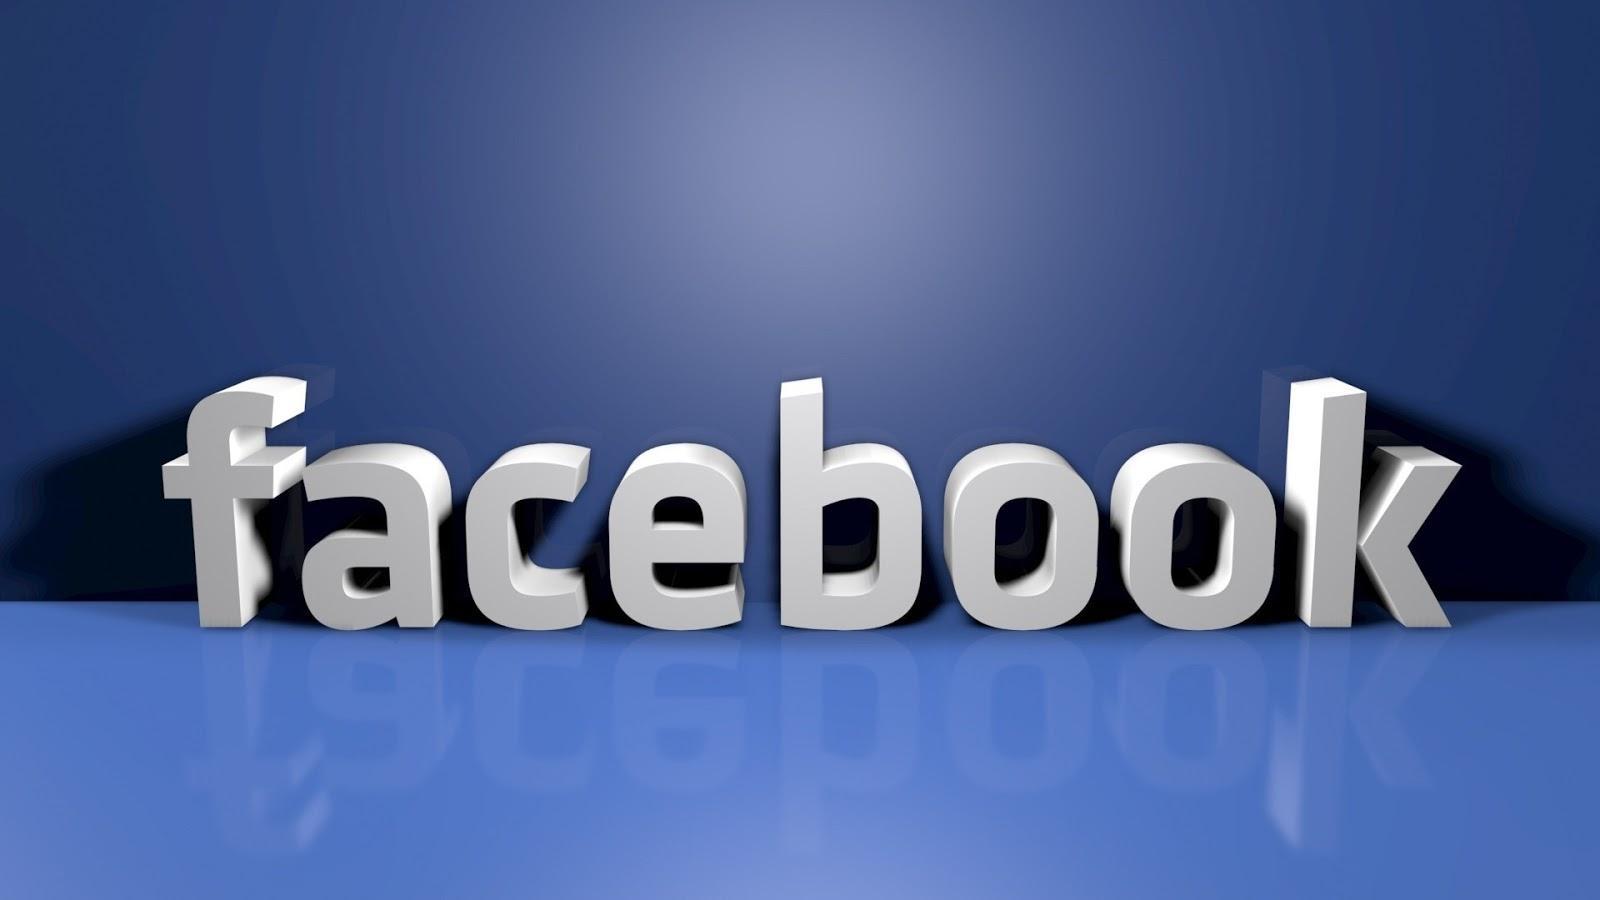 توقف نقص حریم خصوصی فیس بوک در آلمان توسط زوکربرگ